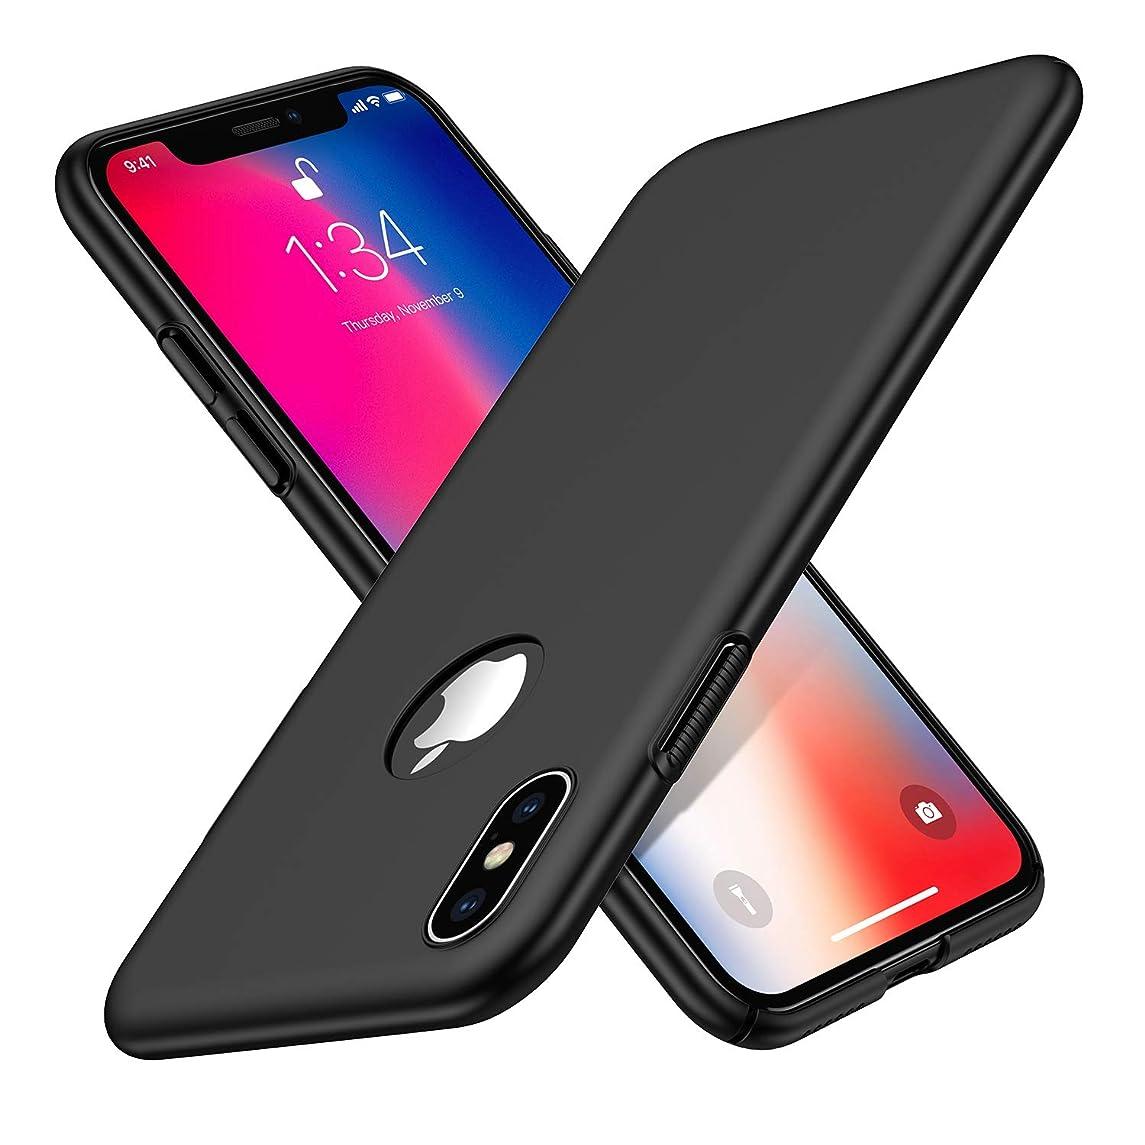 テロマダムダイジェストWoqatac iPhone XS ケース iPhone X ケース iPhone XS/X カバー PC素材 指紋防 ケース 耐衝撃カバー 擦り傷防止 軽量 超薄型Qi充電対応 (iPhone XS/X ケース, ブラック)